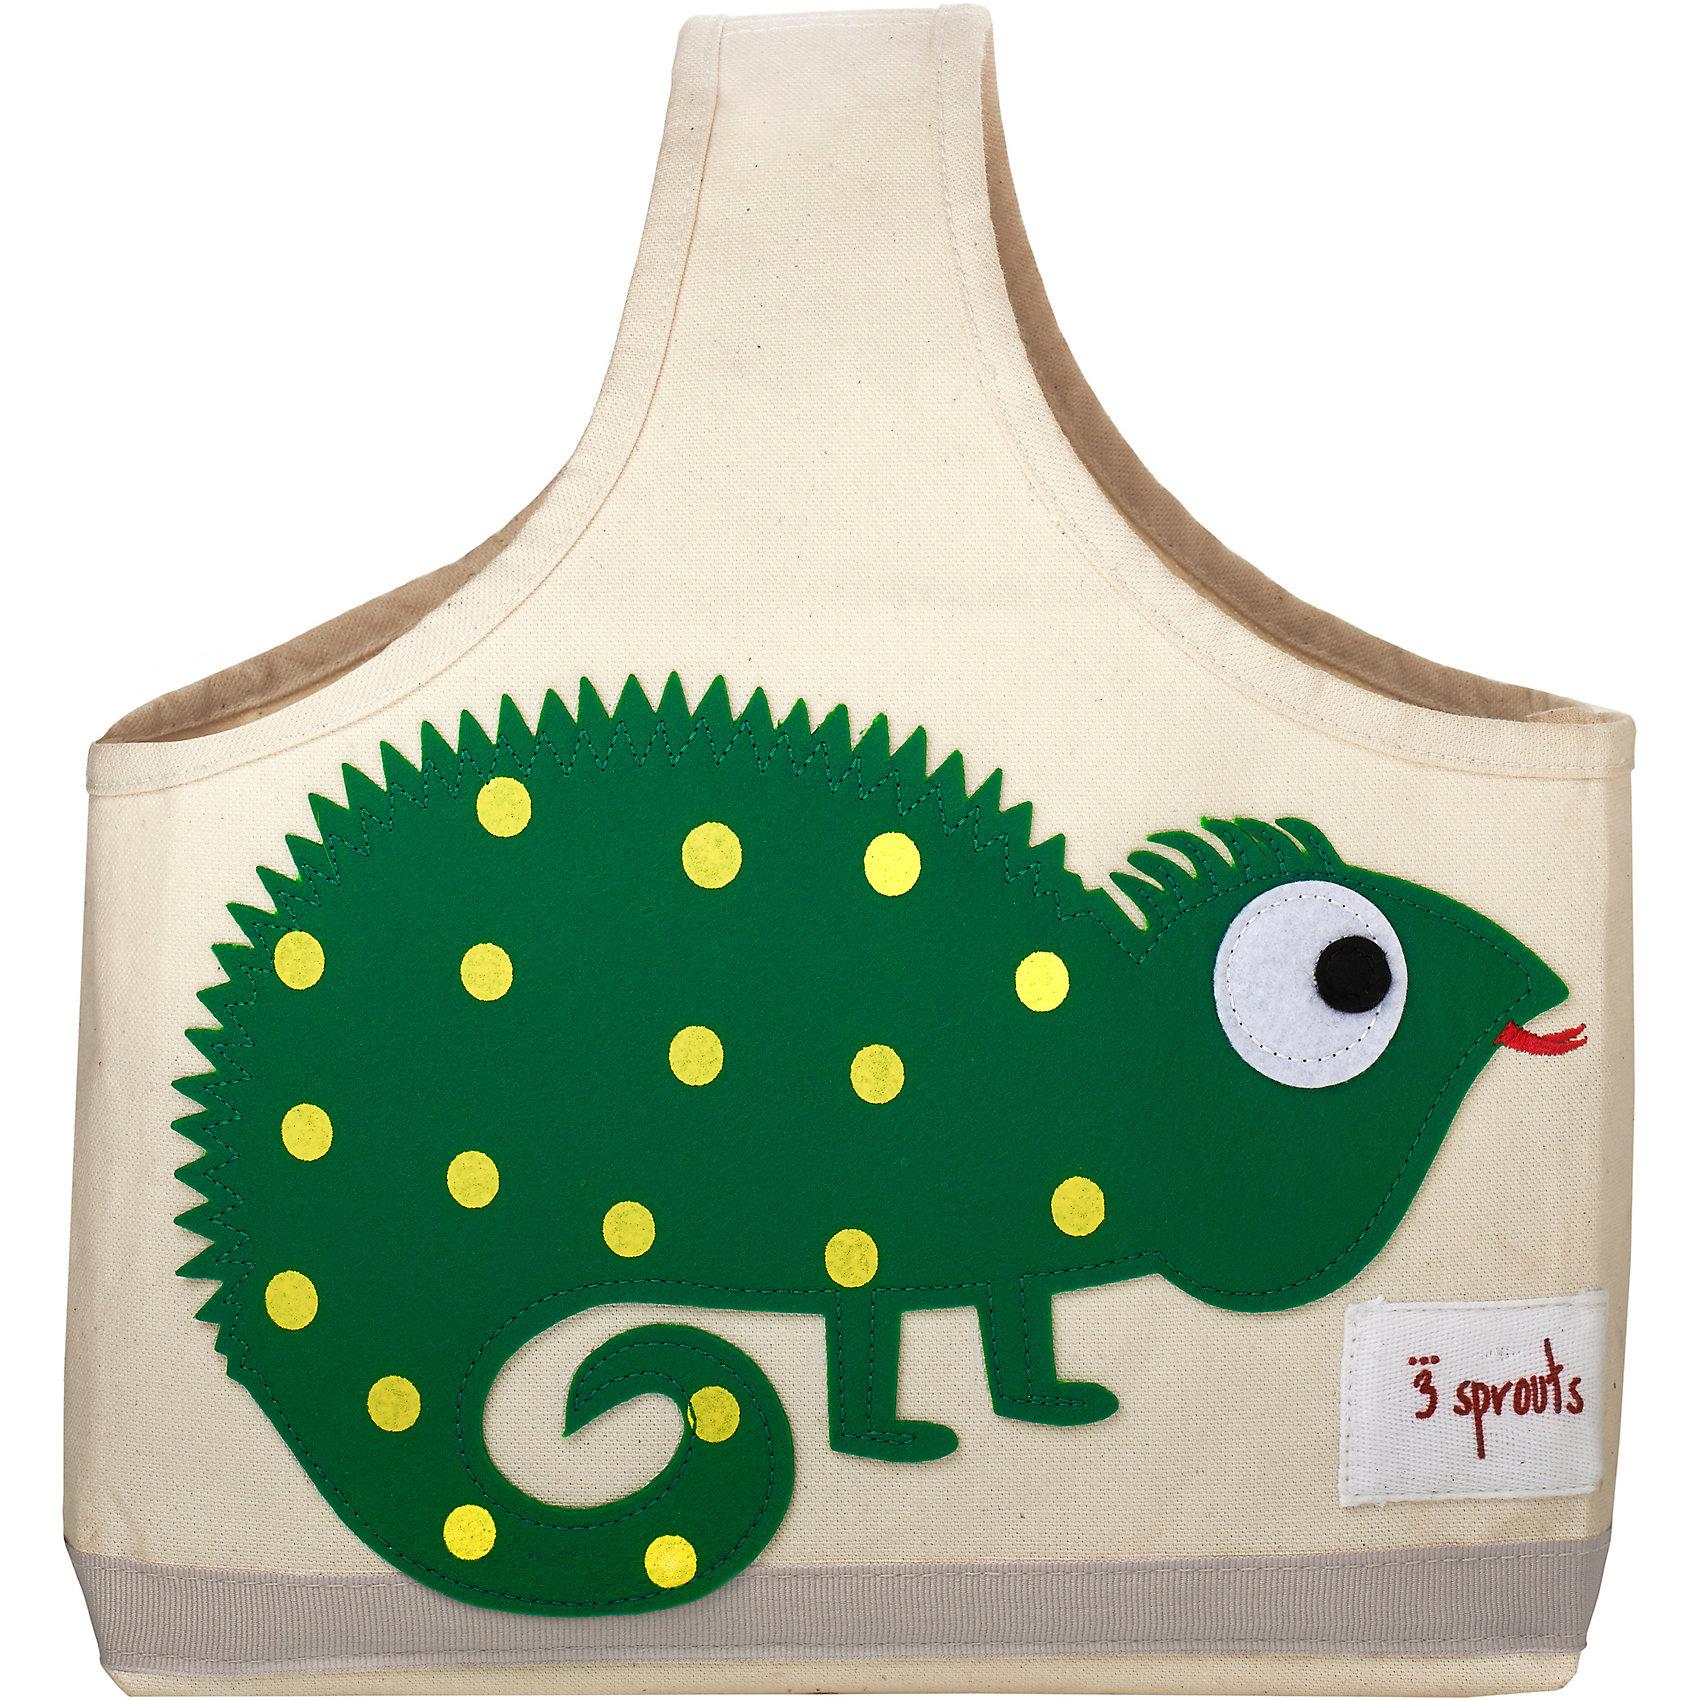 Сумочка для хранения детских принадлежностей Игуана (Green Iguana), 3 SproutsПорядок в детской<br>Яркая сумочка - это идеальное решение для хранения детских принадлежностей. Изготовленная из хлопкового брезента и фетра, она является прекрасным контейнером для хранения и переноски любых детских принадлежностей.<br><br>Дополнительная информация:<br><br>- Размер: 38x30x14 см.<br>- Материал: хлопок, фетр, полиэстер.<br>- Орнамент: Игуана.<br><br>Купить сумочку для хранения детских принадлежностей Игуана (Green Iguana), можно в нашем магазине.<br><br>Ширина мм: 320<br>Глубина мм: 240<br>Высота мм: 20<br>Вес г: 234<br>Возраст от месяцев: 6<br>Возраст до месяцев: 84<br>Пол: Унисекс<br>Возраст: Детский<br>SKU: 5098235